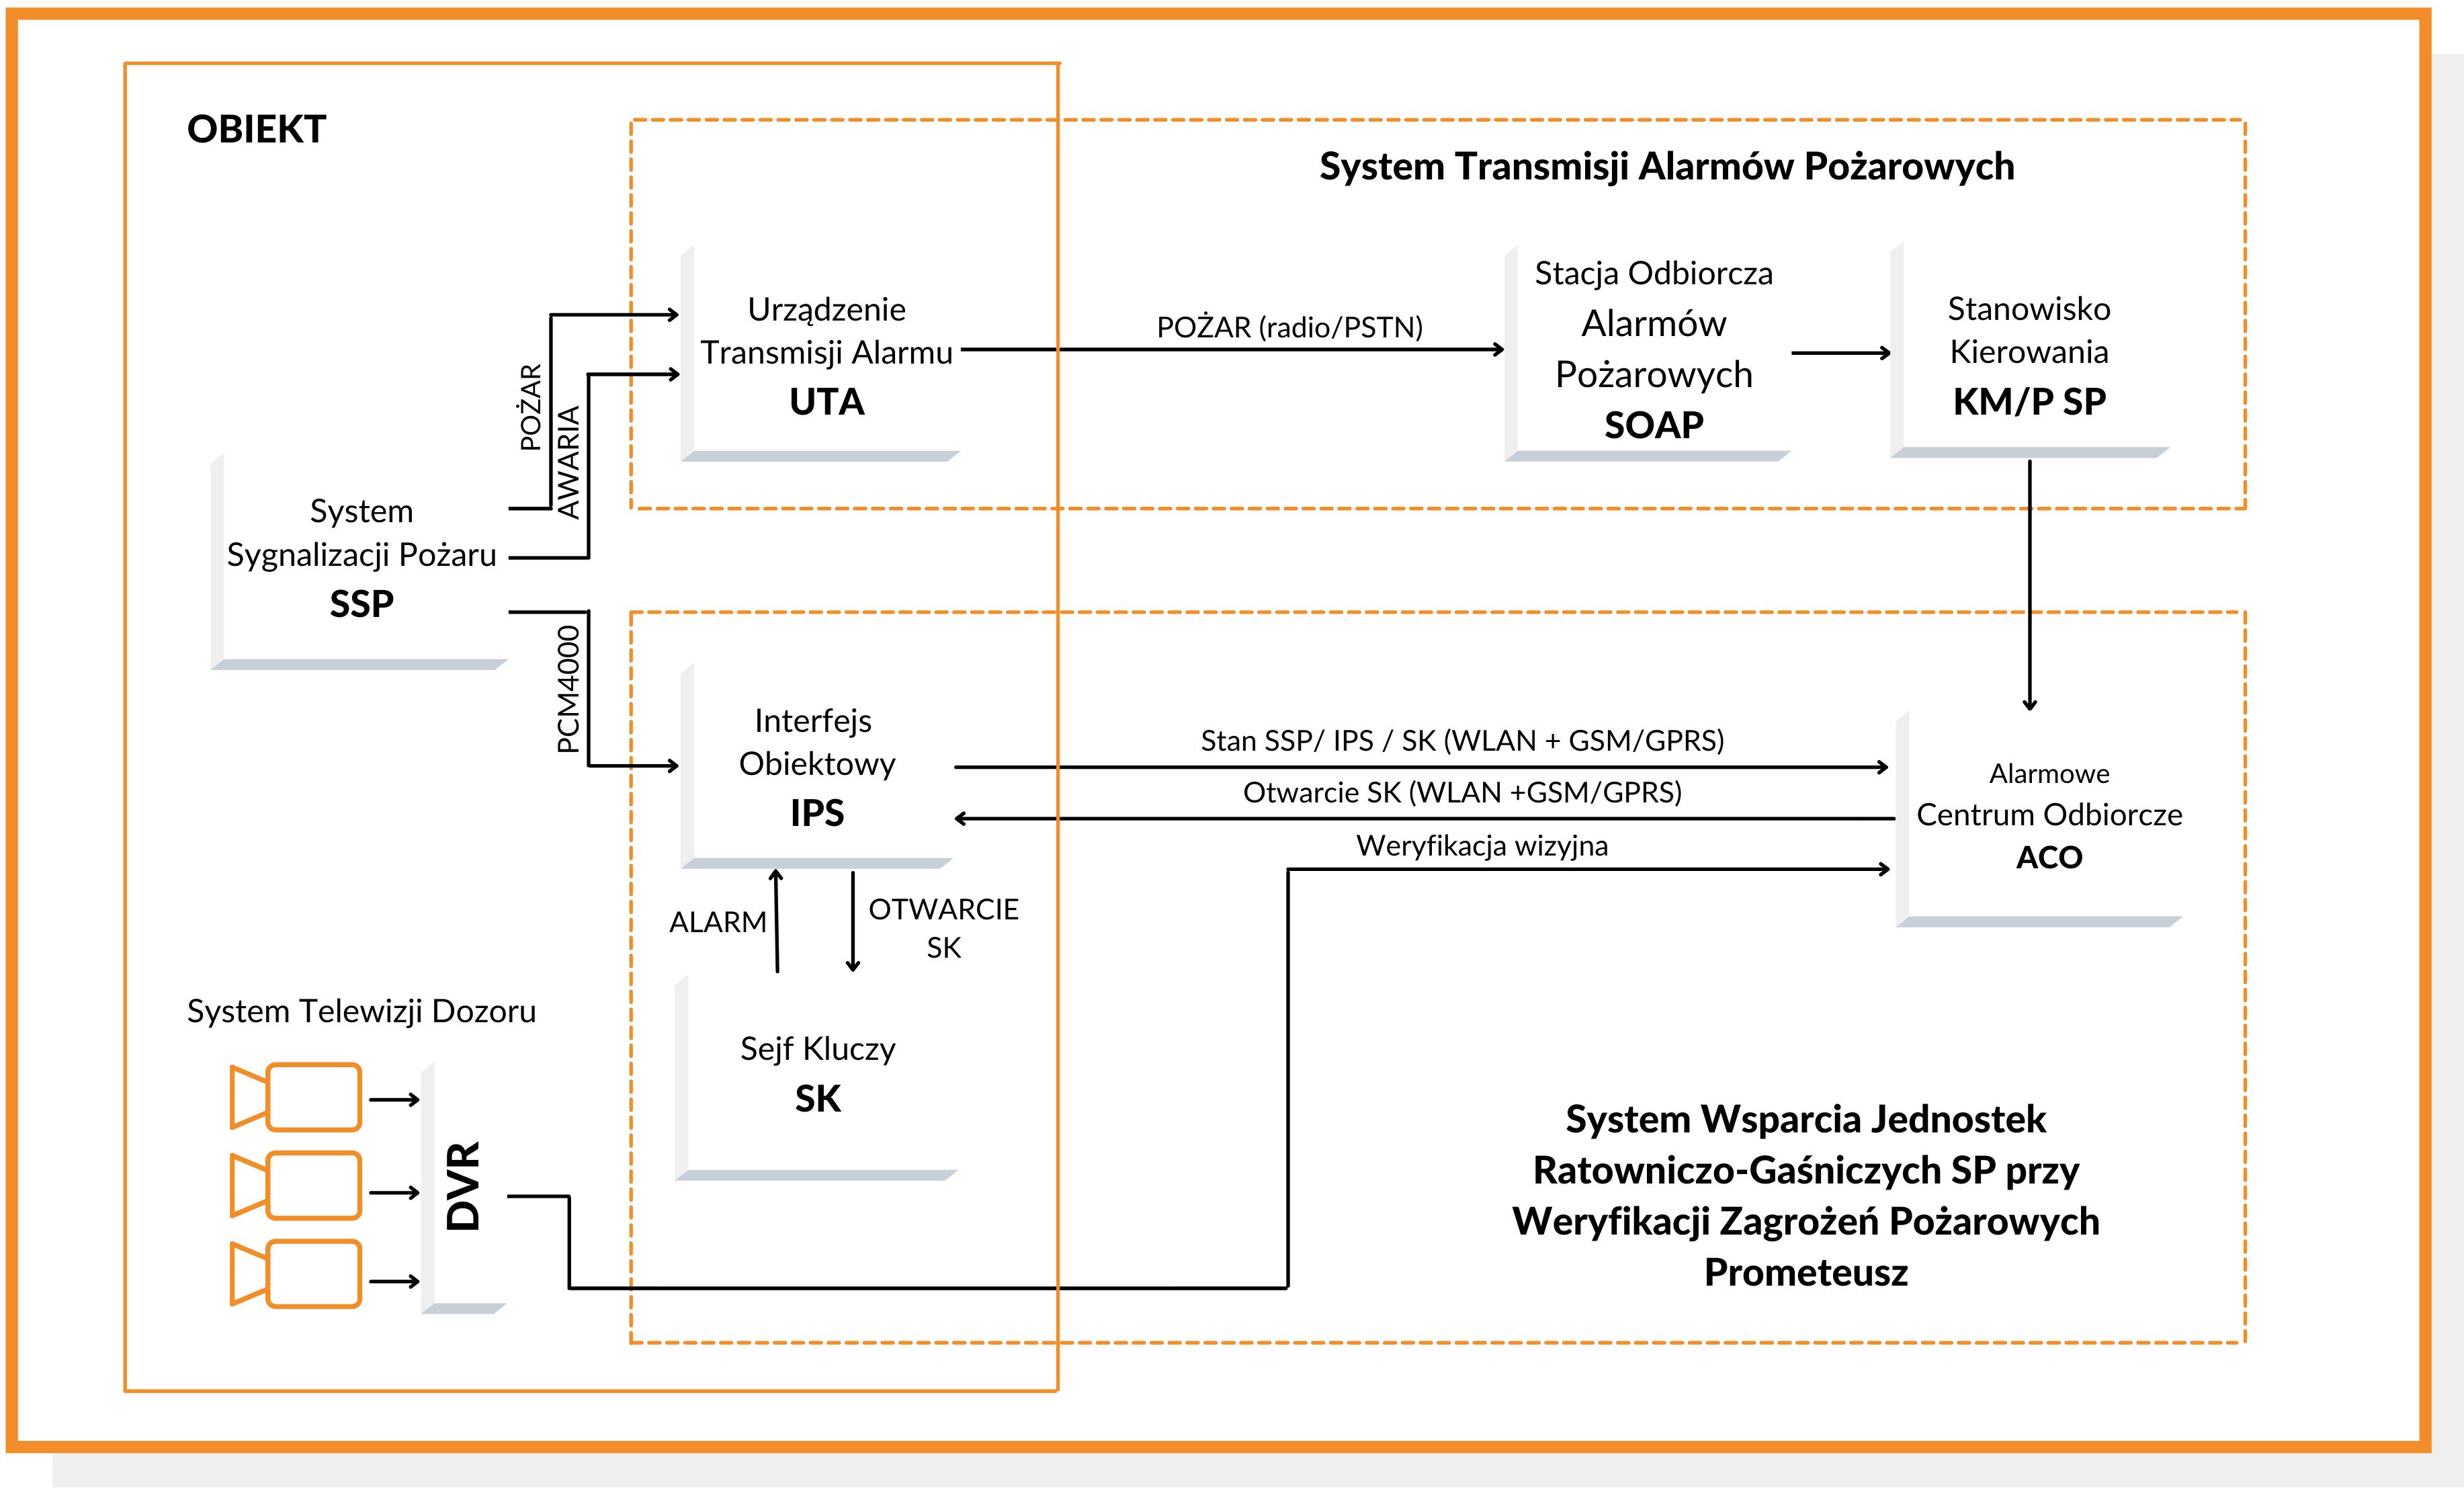 Schemat systemu Prometeusz